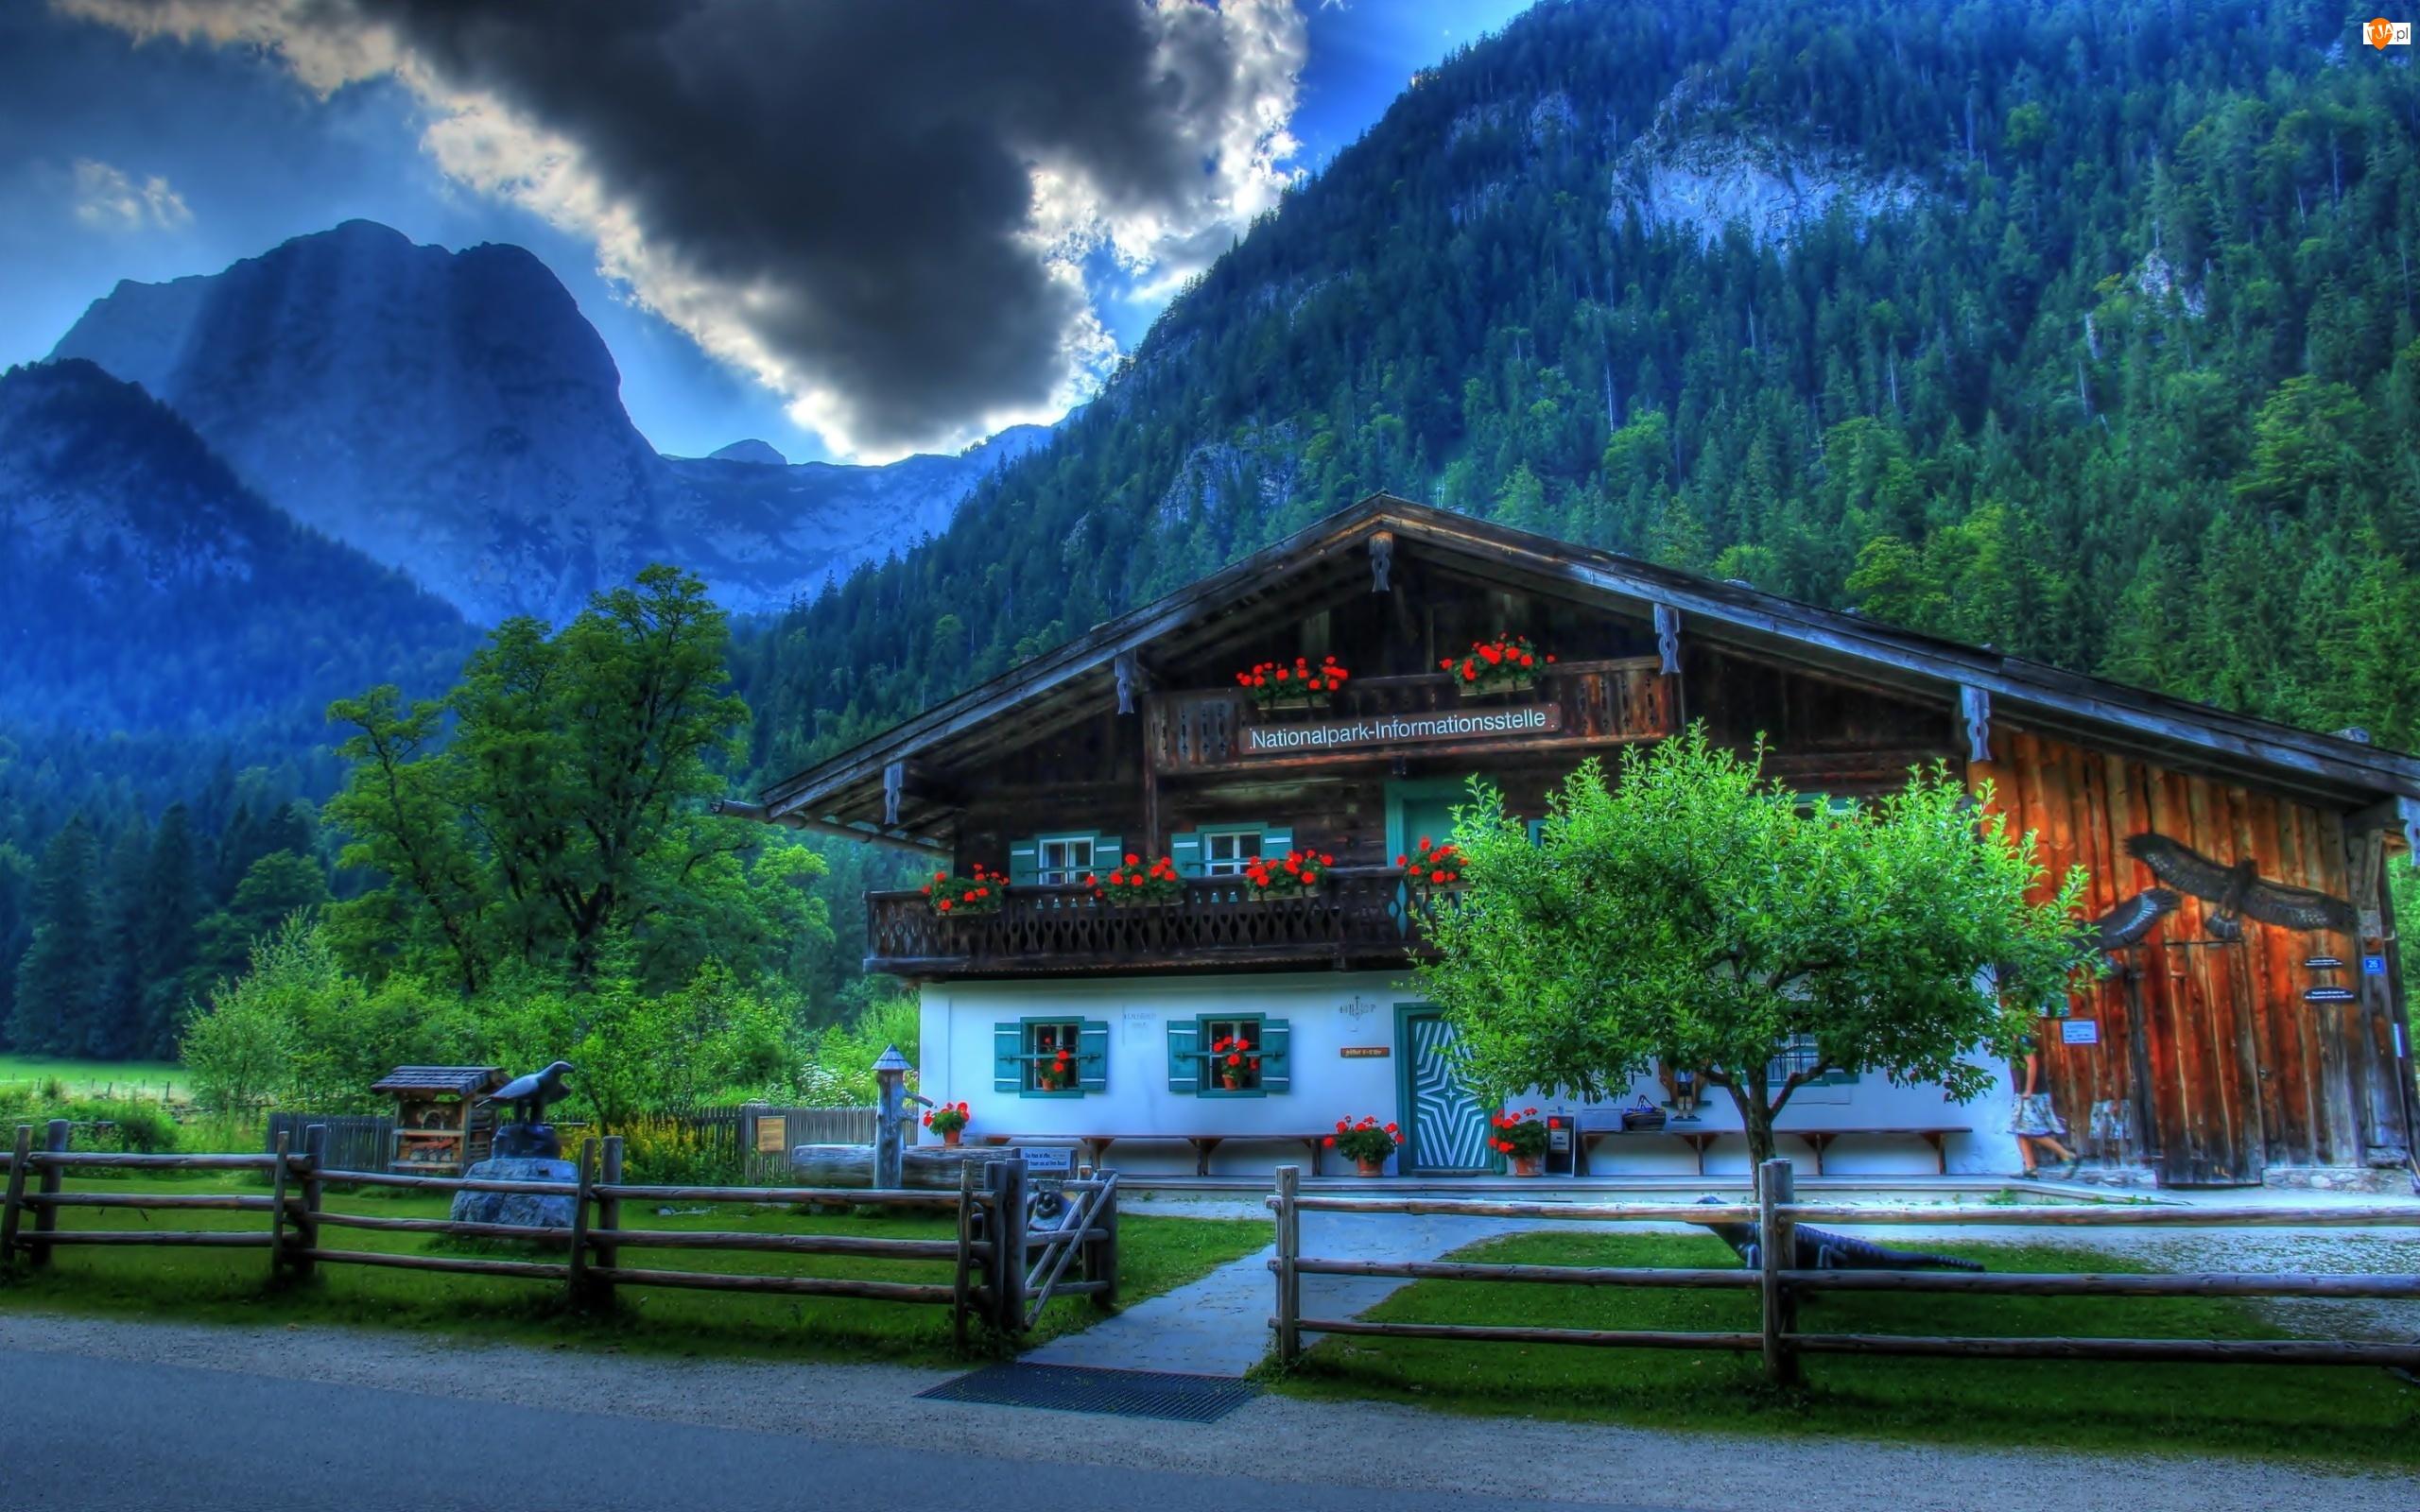 Dom, Góry, Ramsau, Bawarskie, Miejscowość, Niemcy, Bawaria, Alpy